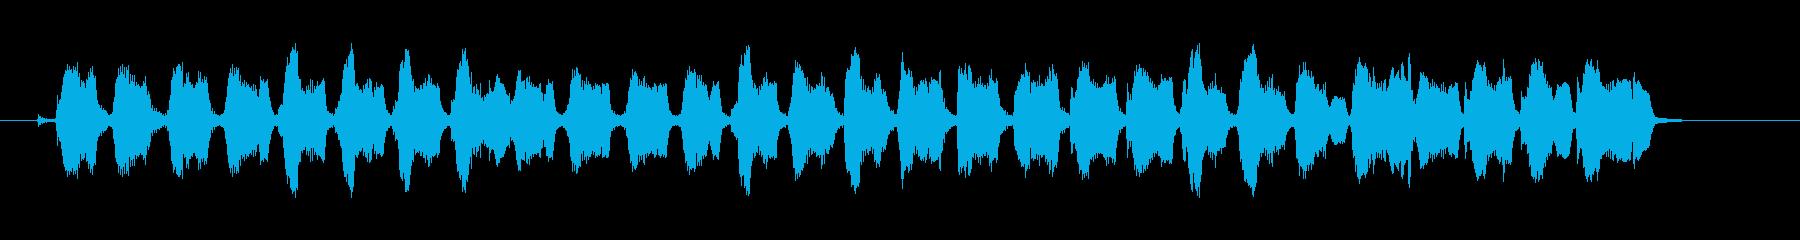 おまぬけで、追いかけっこっぽいBGMの再生済みの波形